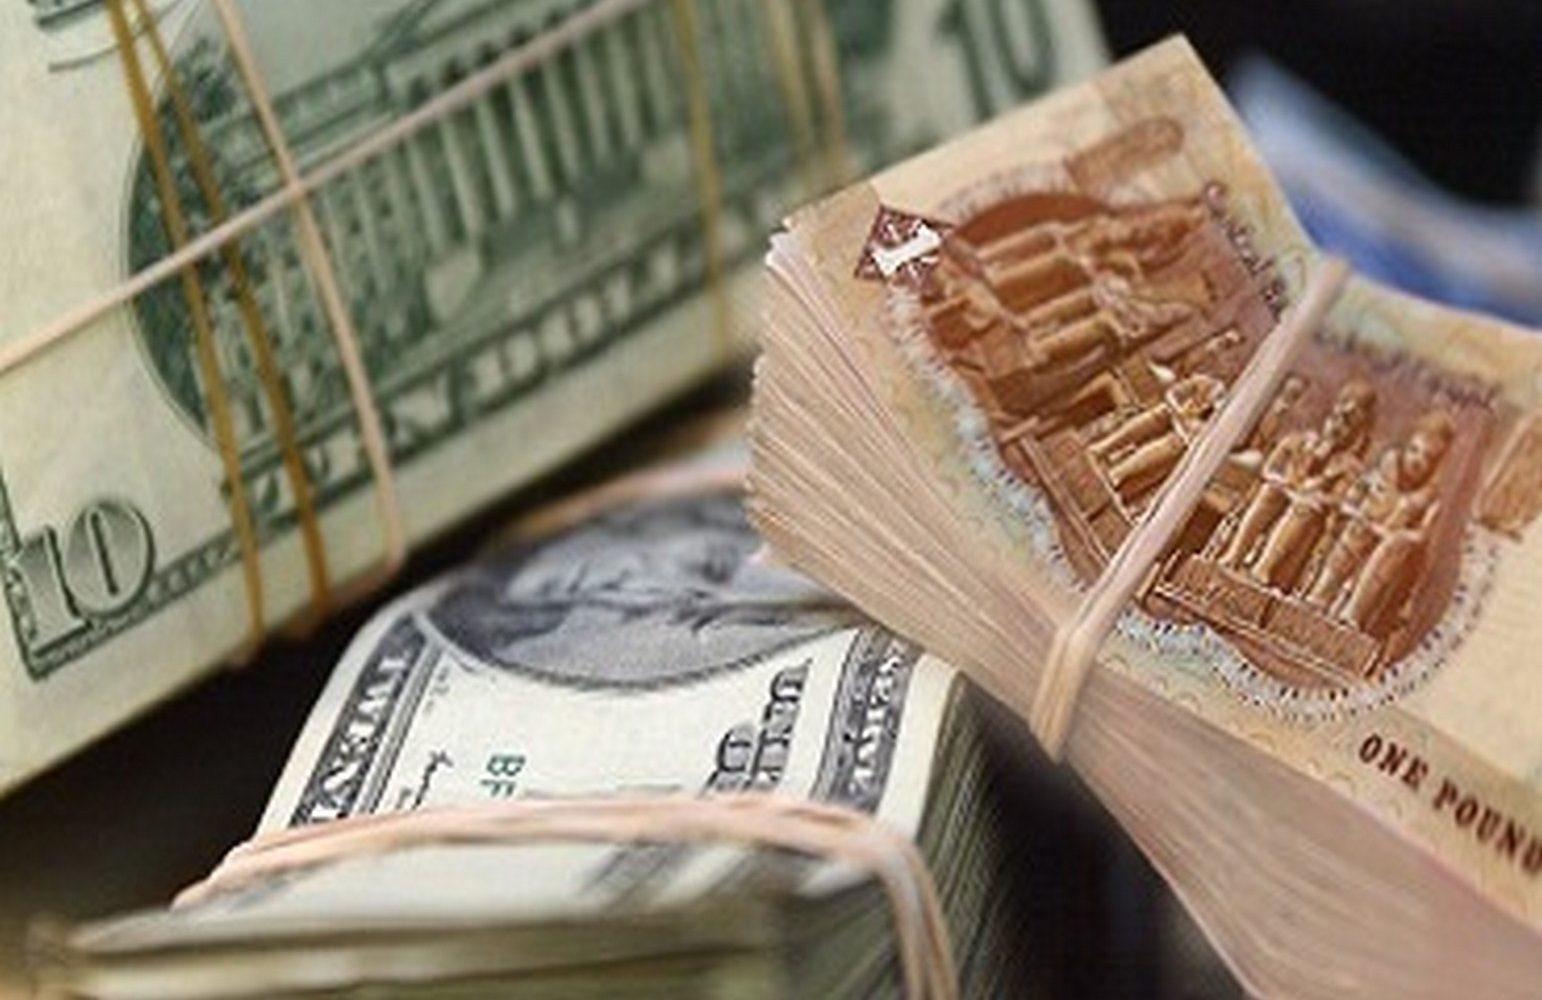 سعر الدولار اليوم الاثنين 8 فبراير 2021 في البنوك بعد تراجع الأمس